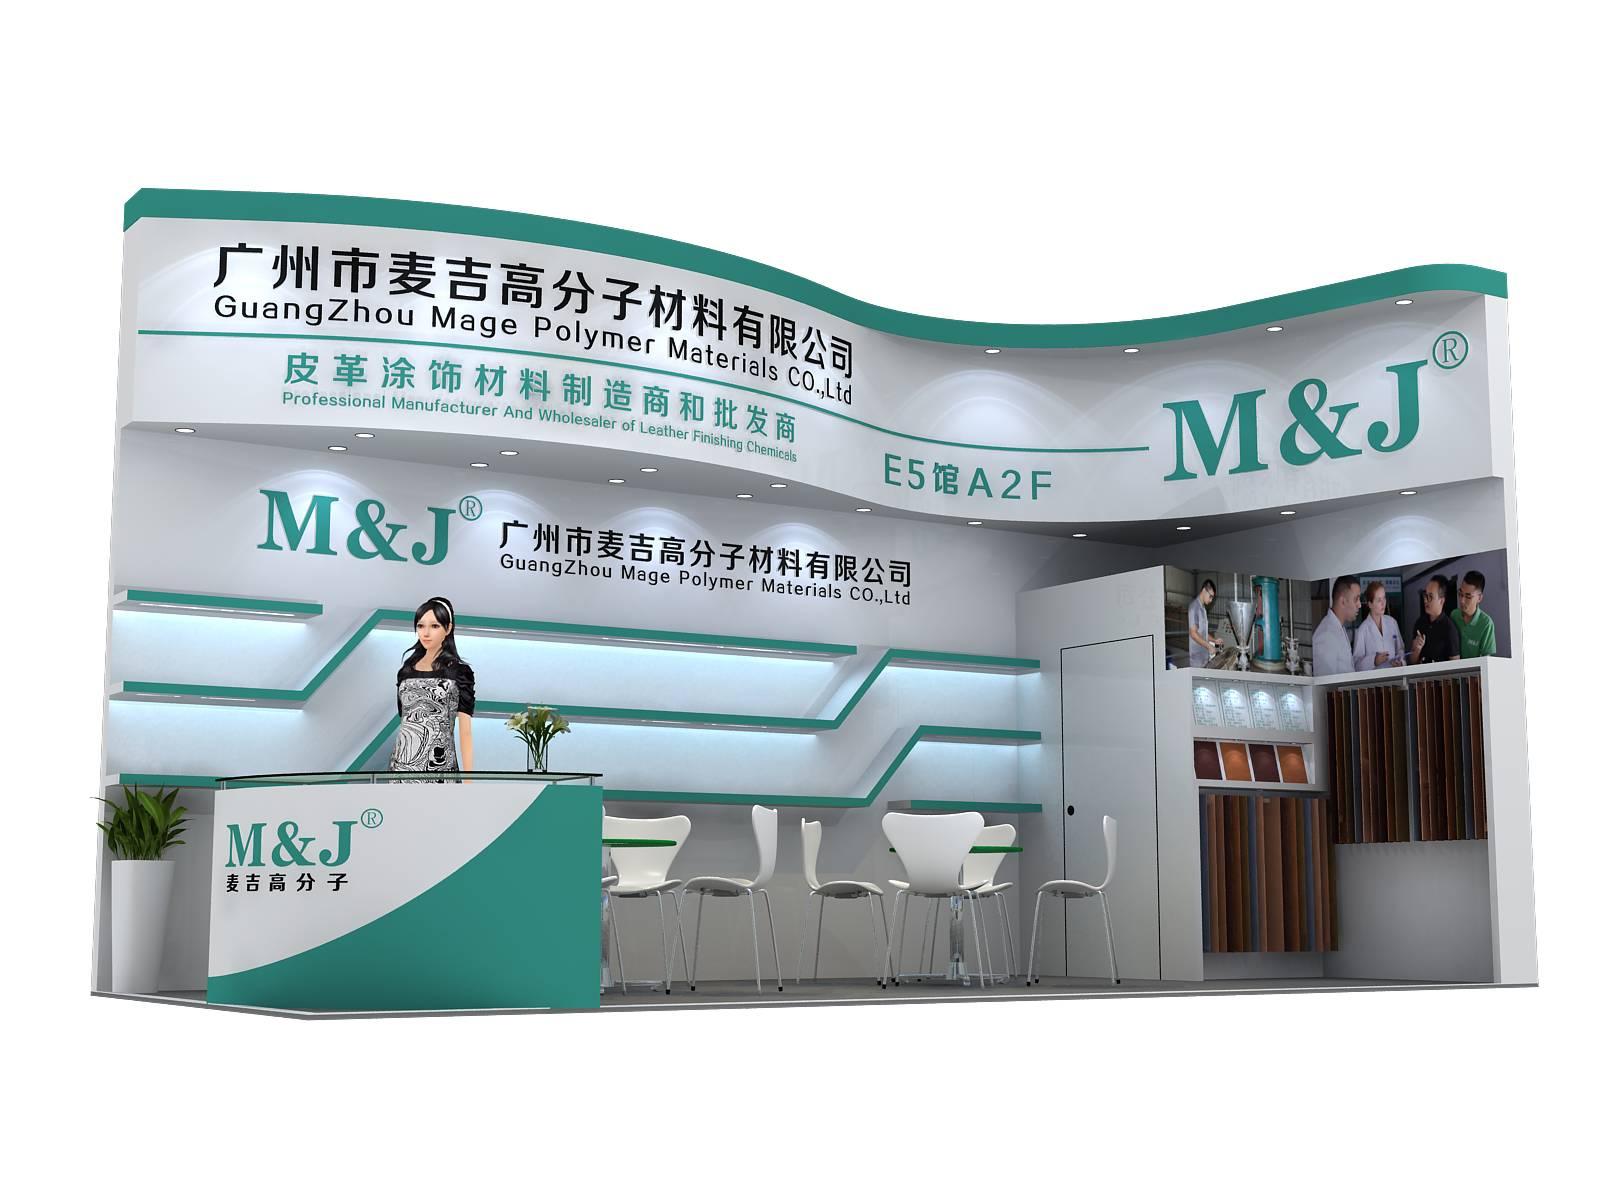 华利娱乐注册送33高分子2016年中国国际华利娱乐送33体验金展